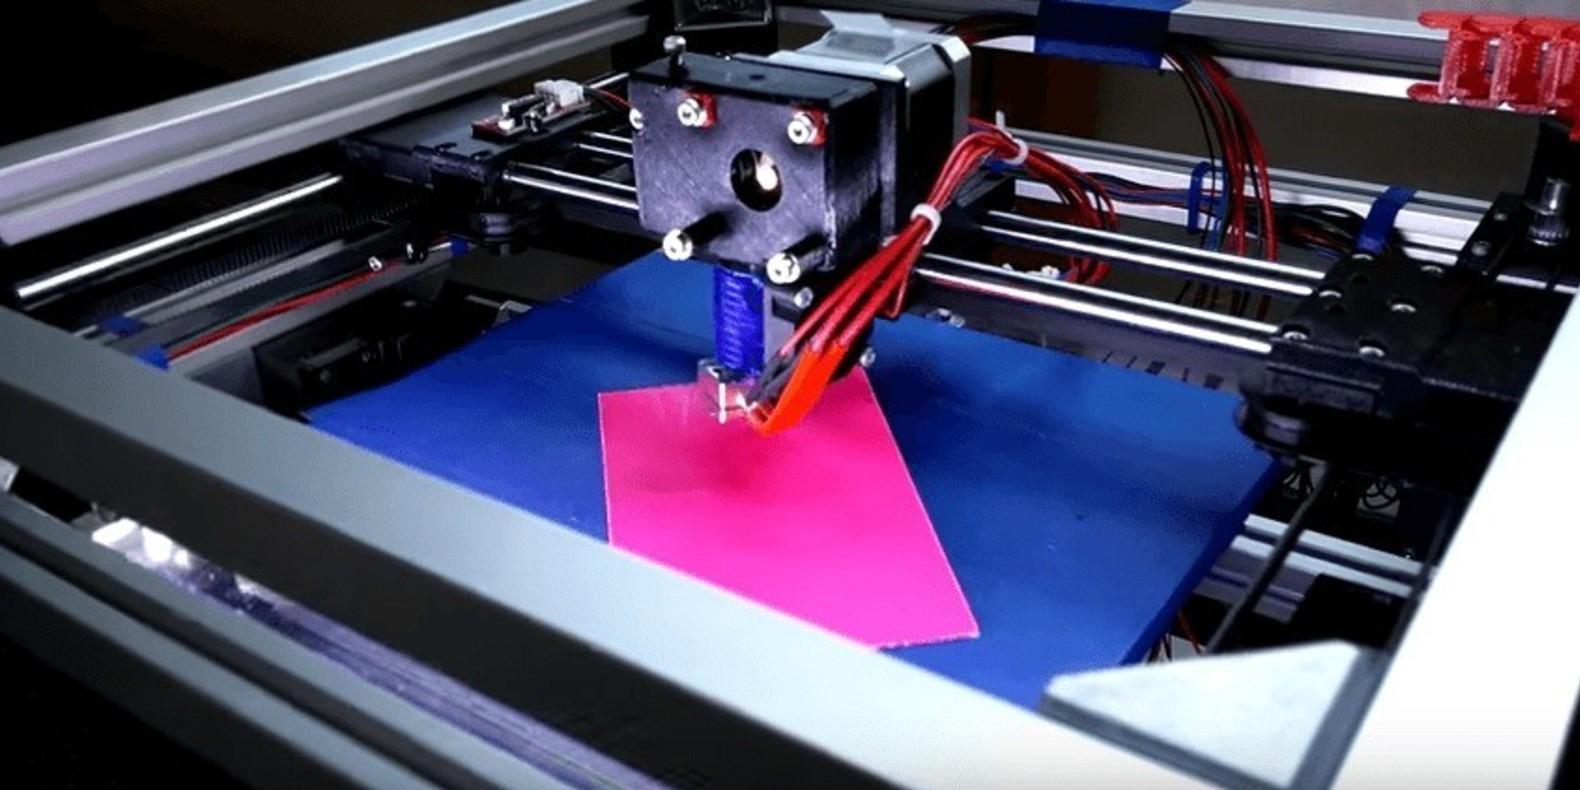 6 étapes simples pour la mise à niveau du lit de l'imprimante 3D